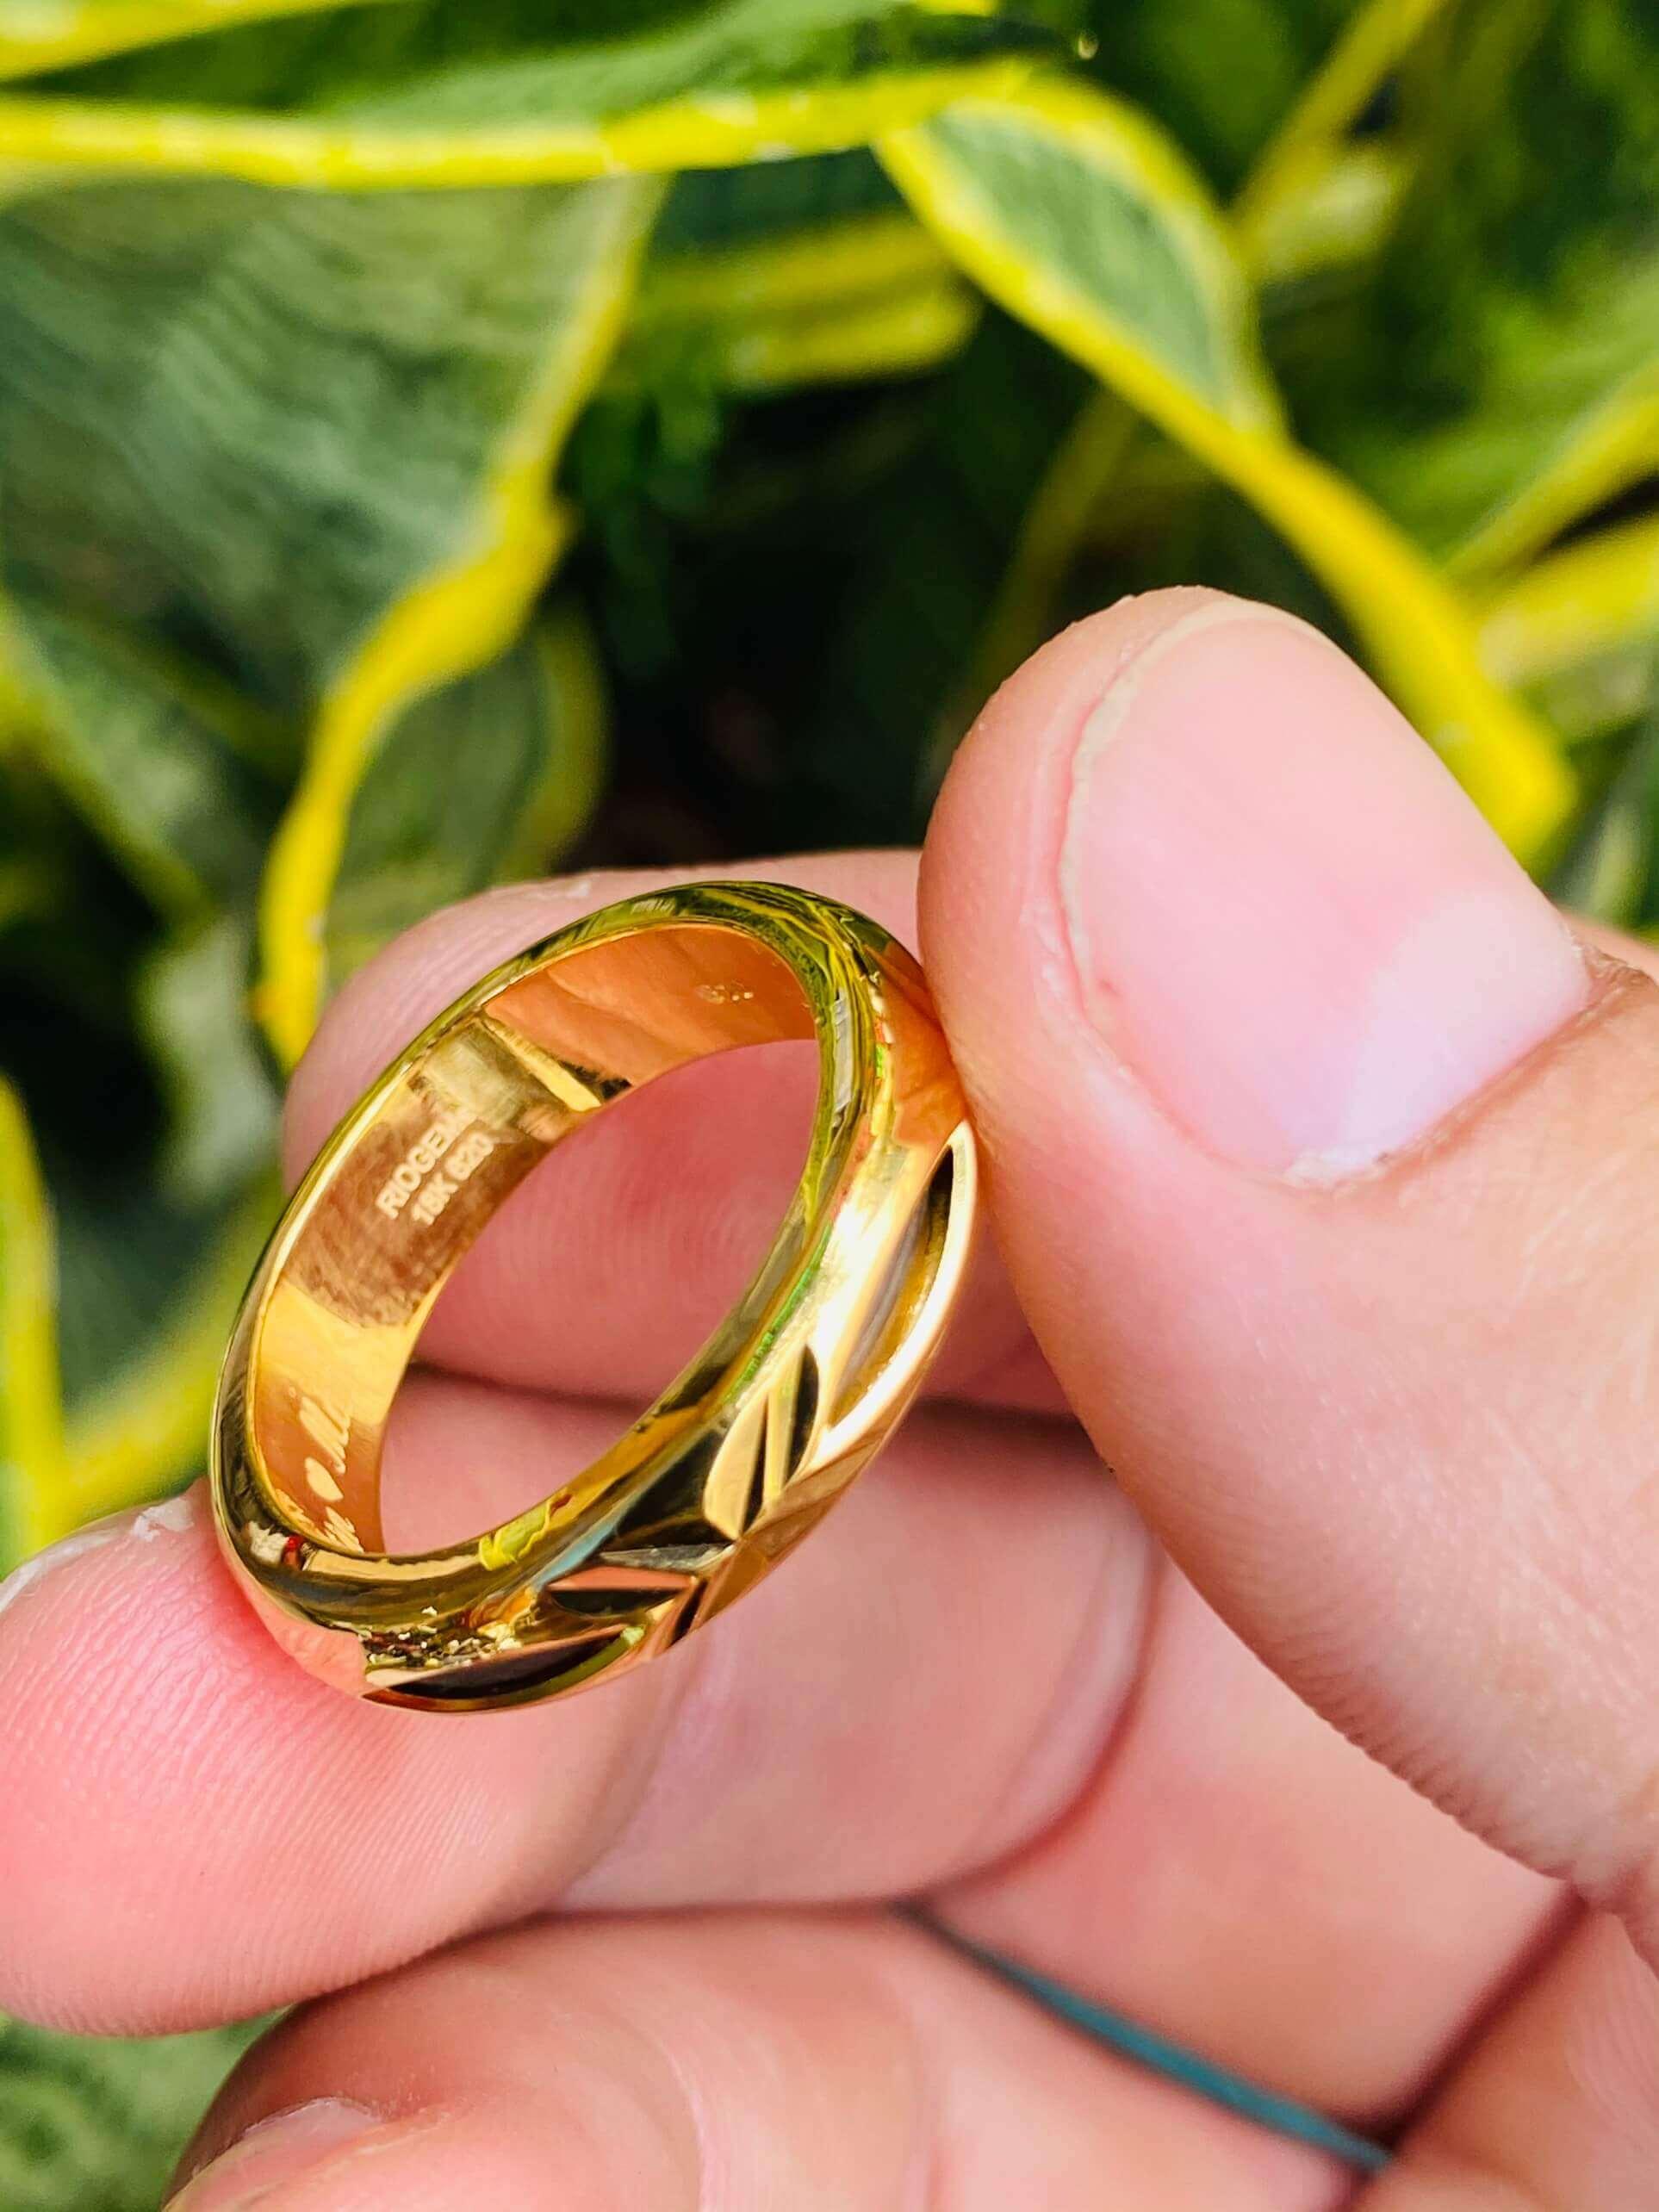 Nhẫn vàng trơn 1 chỉ đẹp dành cho nam